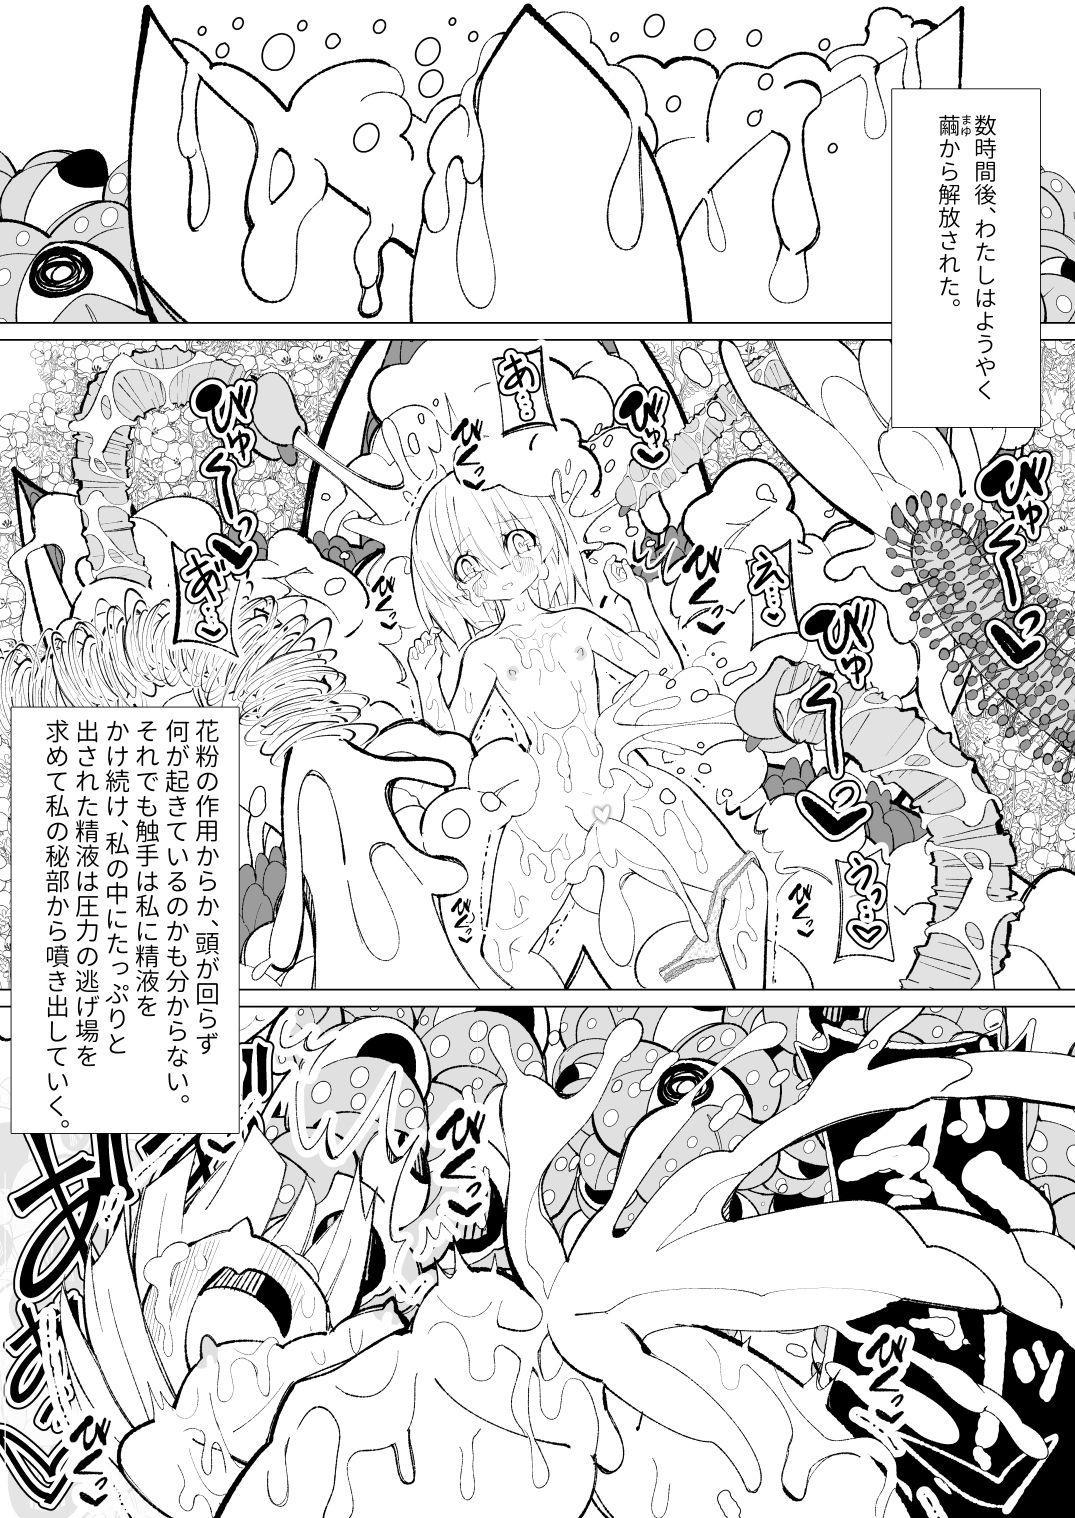 Ishu kan fūzoku-gai3 shokubutsu shokushu × rori 59